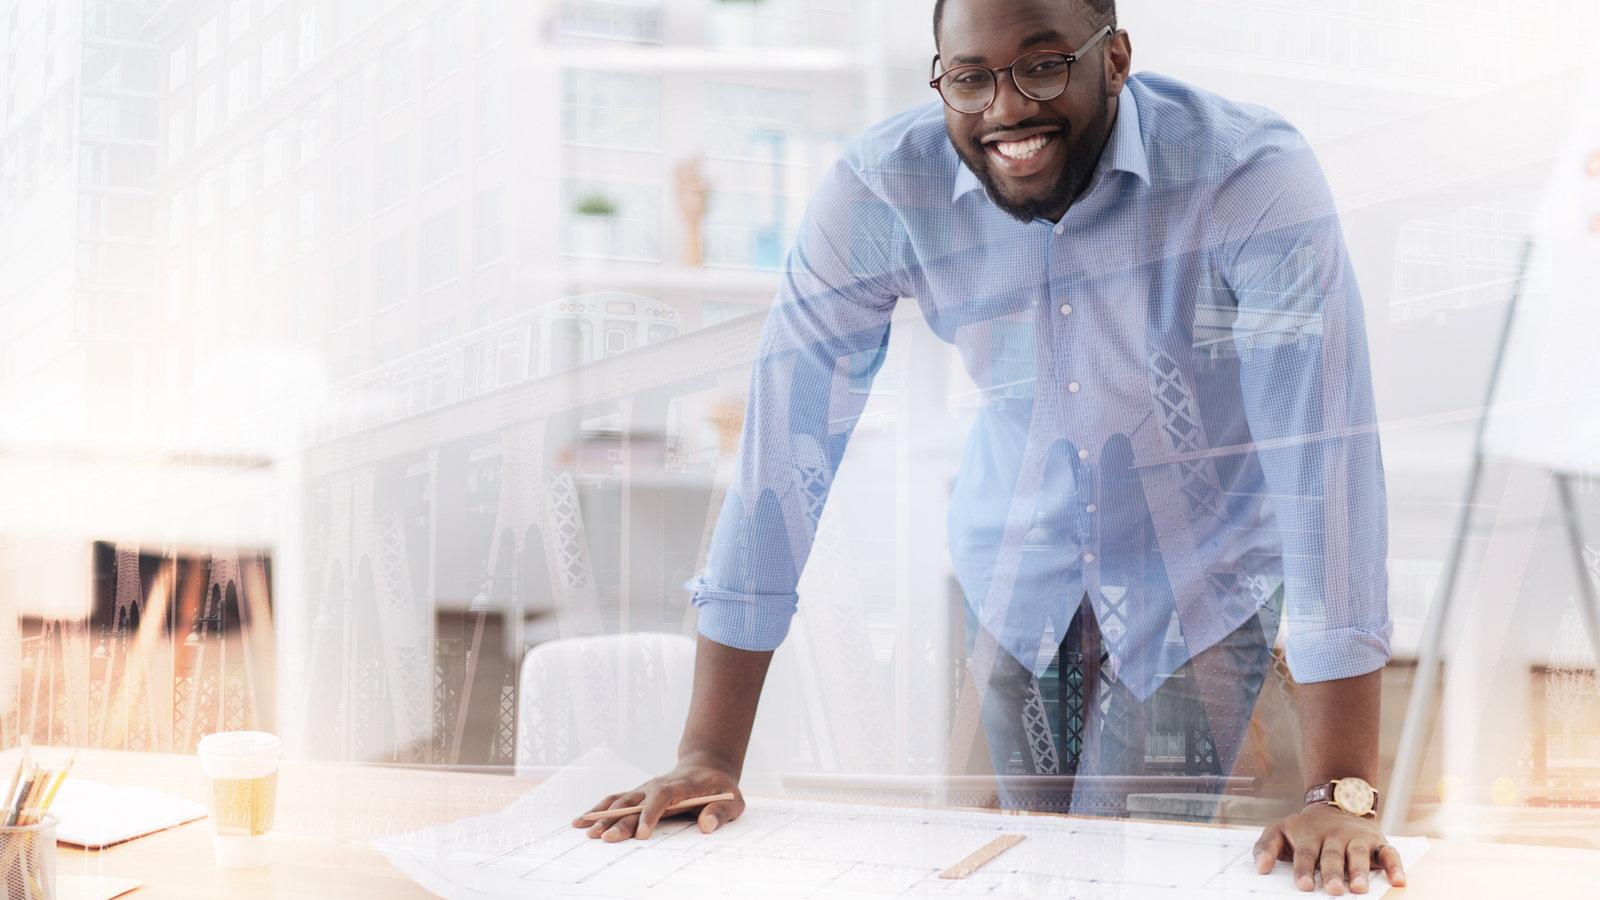 man making plan at table